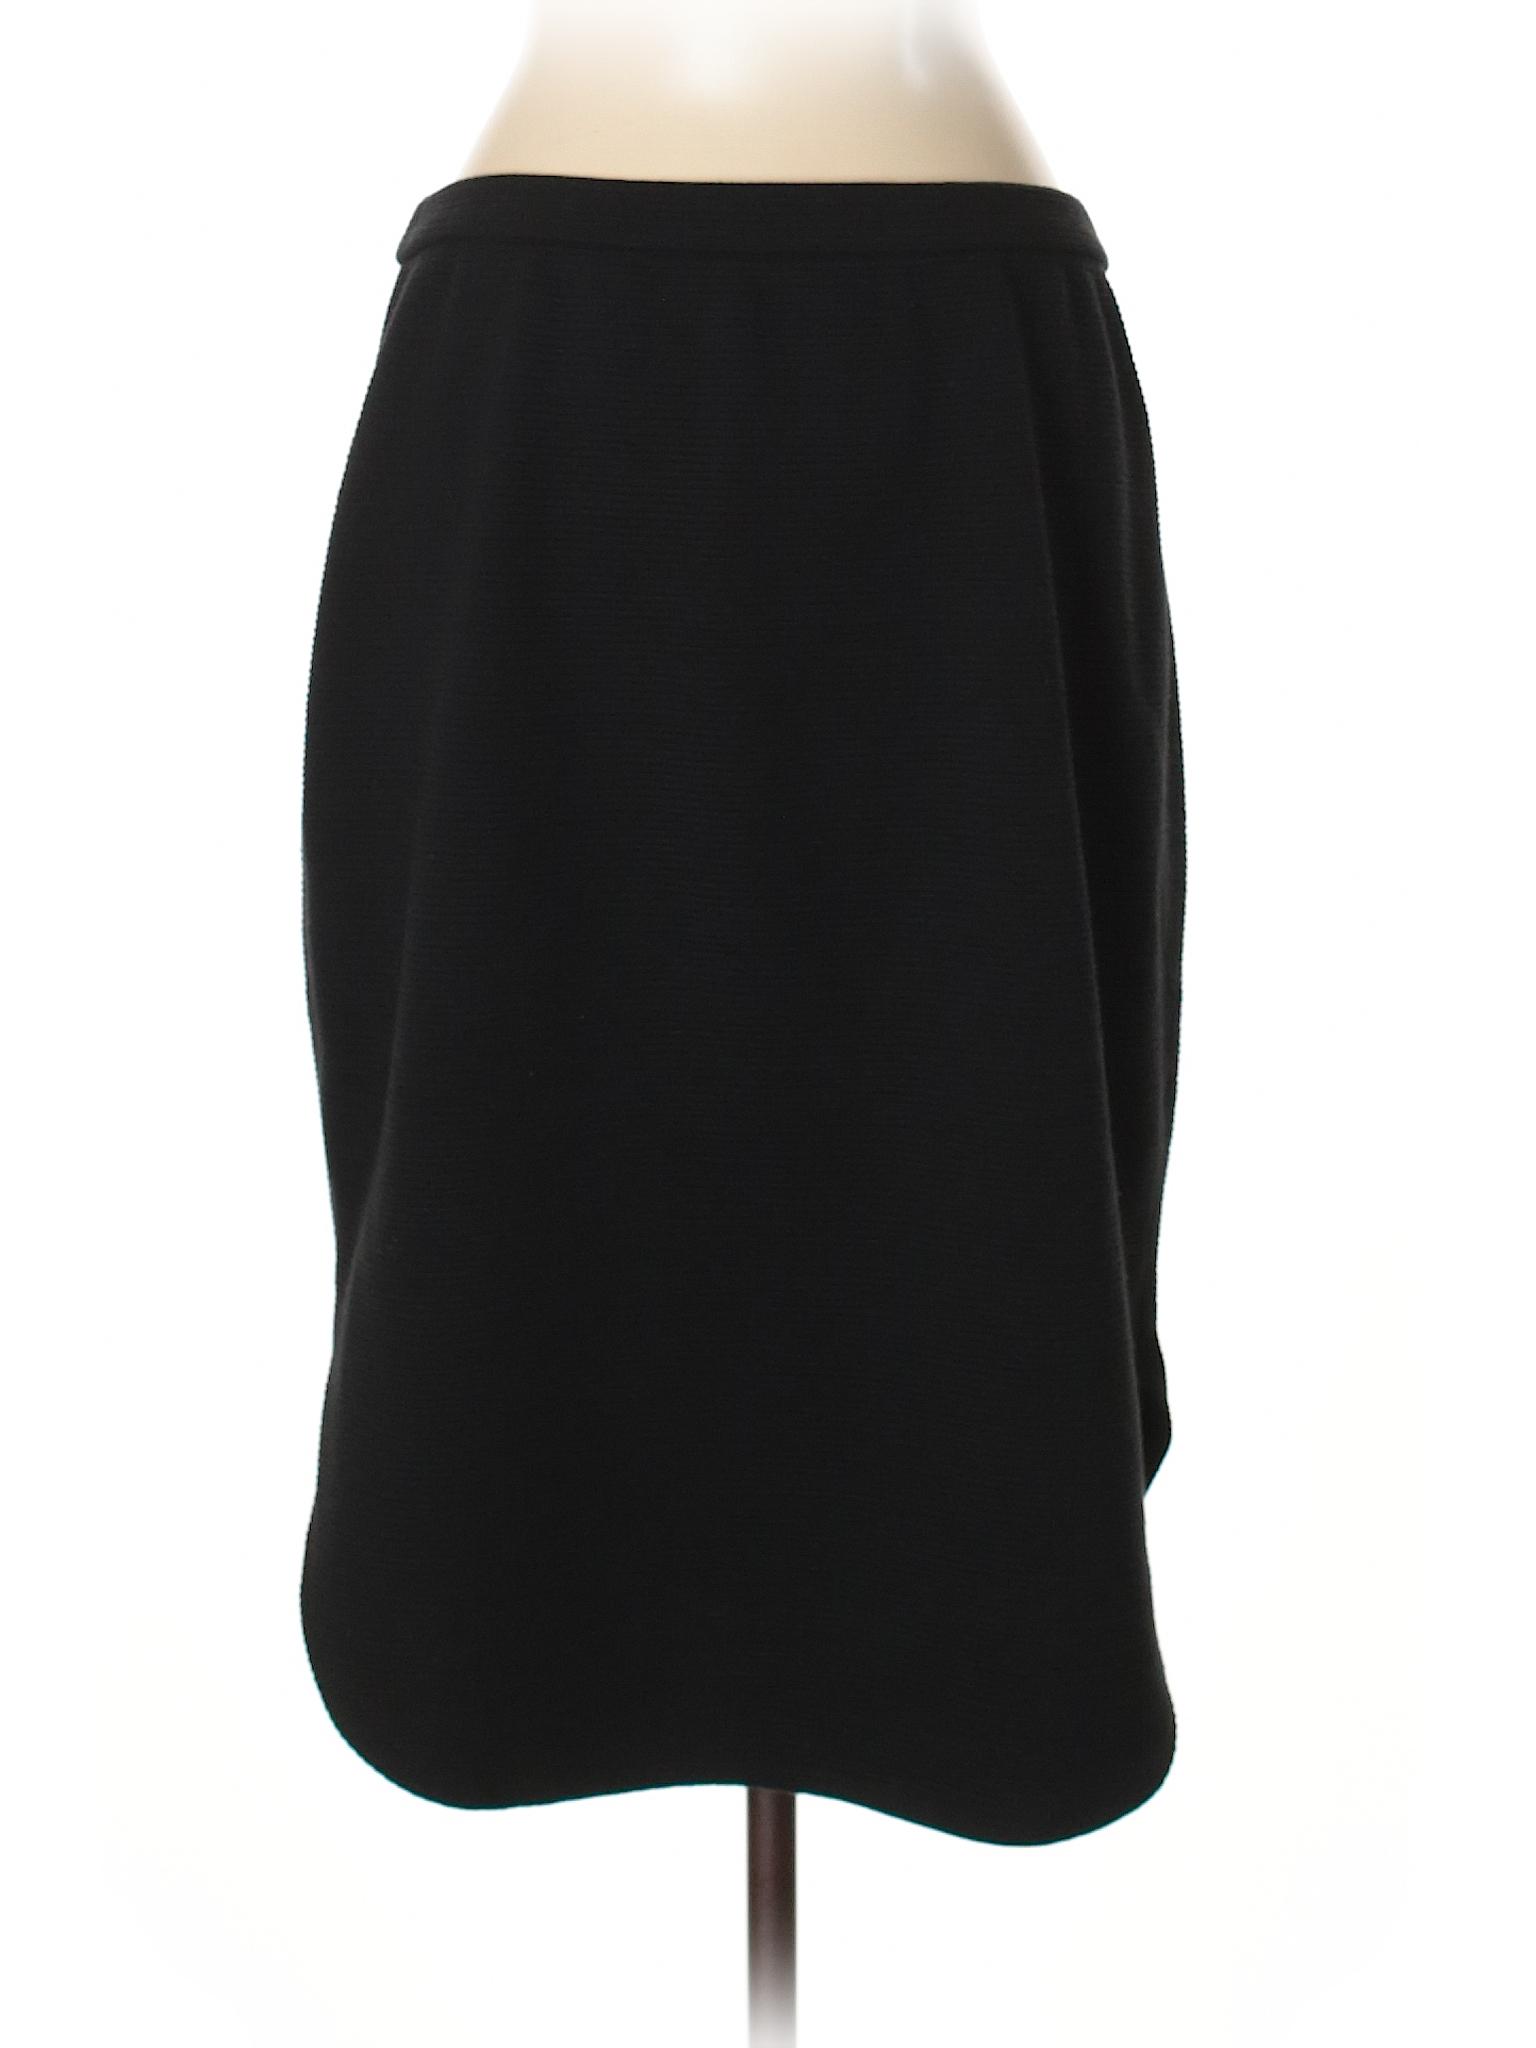 leisure Casual Banana Skirt Boutique Republic 4d1n0Rq